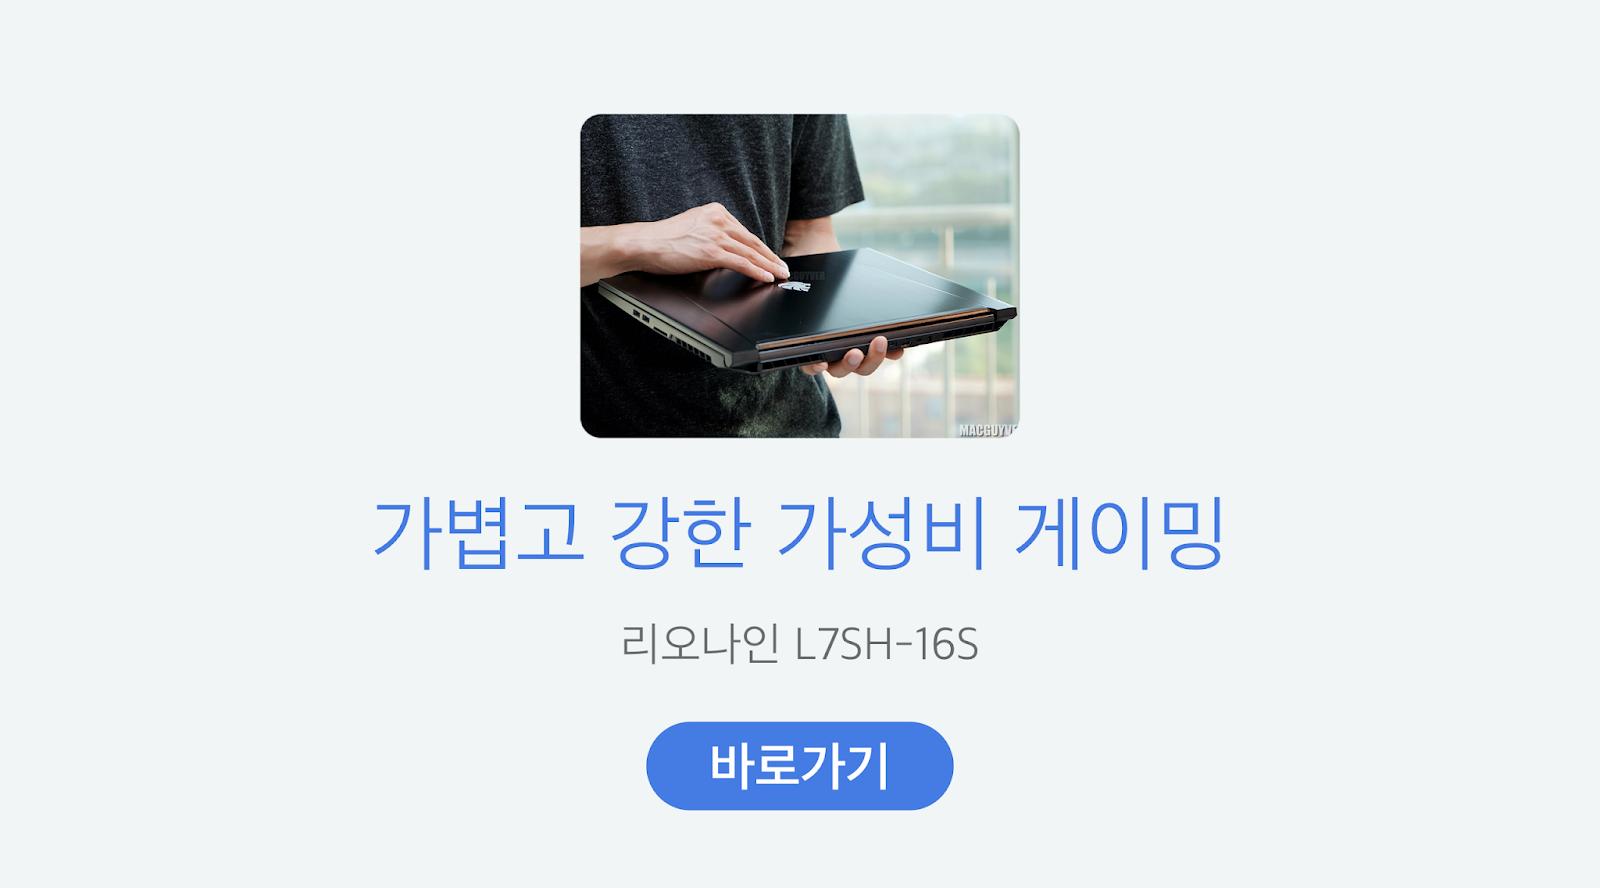 http://m.jooyonshop.co.kr/goods/view?no=98